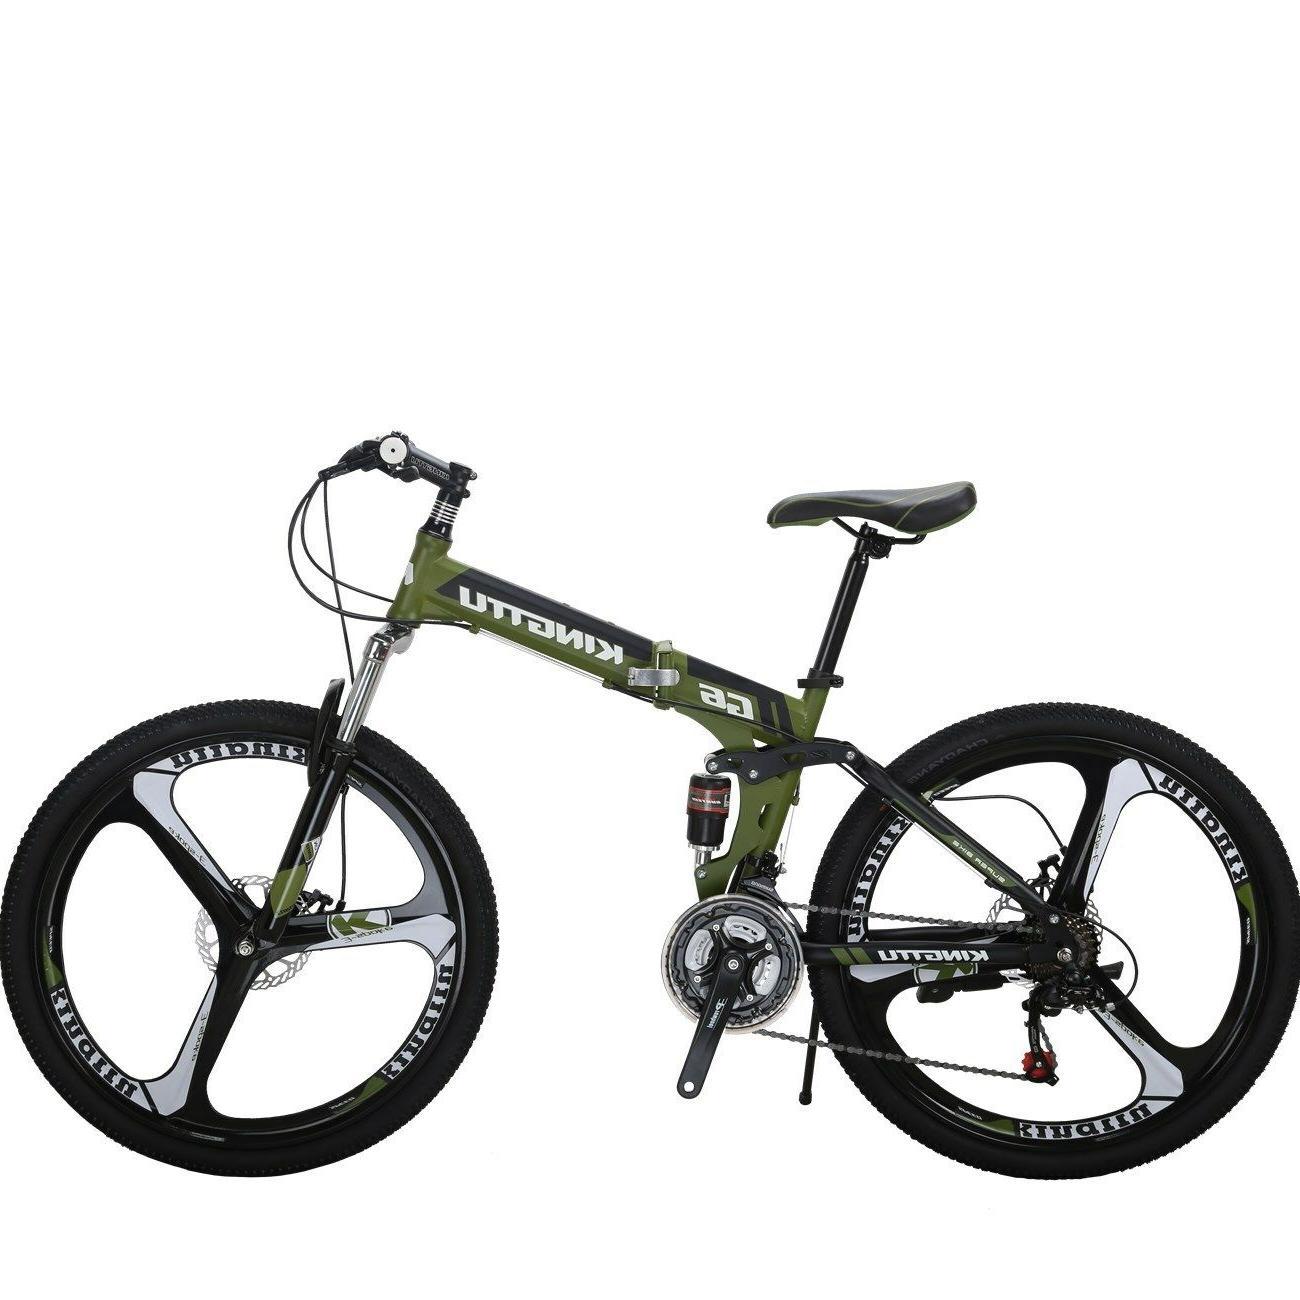 """G6 Mountain Bike 26"""" 3 Spoke Wheel Full Suspension Folding 21 Speed Bicycle"""